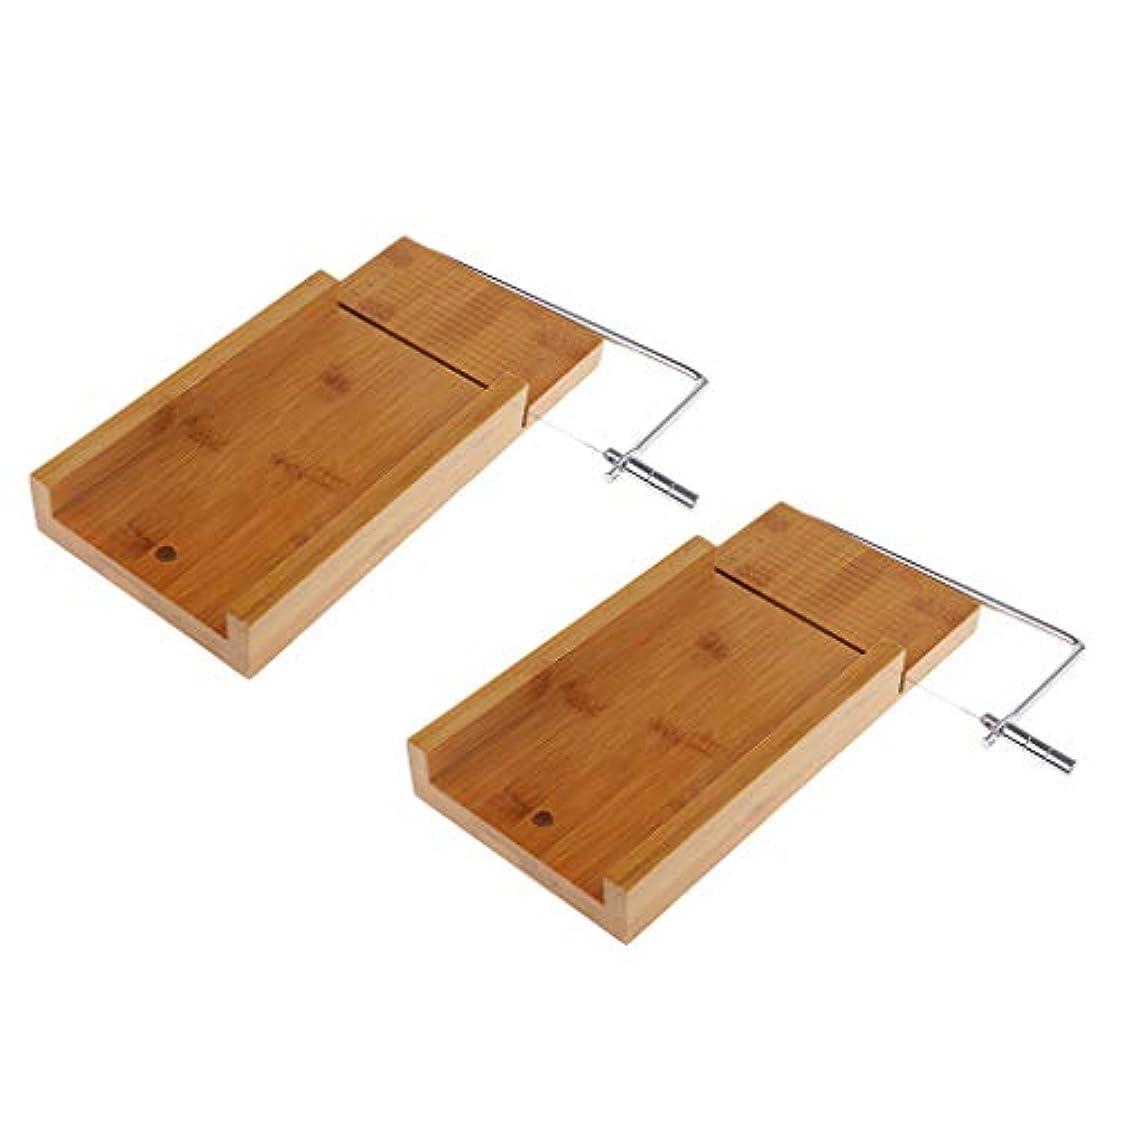 里親尊敬する優先D DOLITY ソープカッター 台 木質 チーズナイフ せっけんカッター ワイヤー ソープスライサー 2個入り